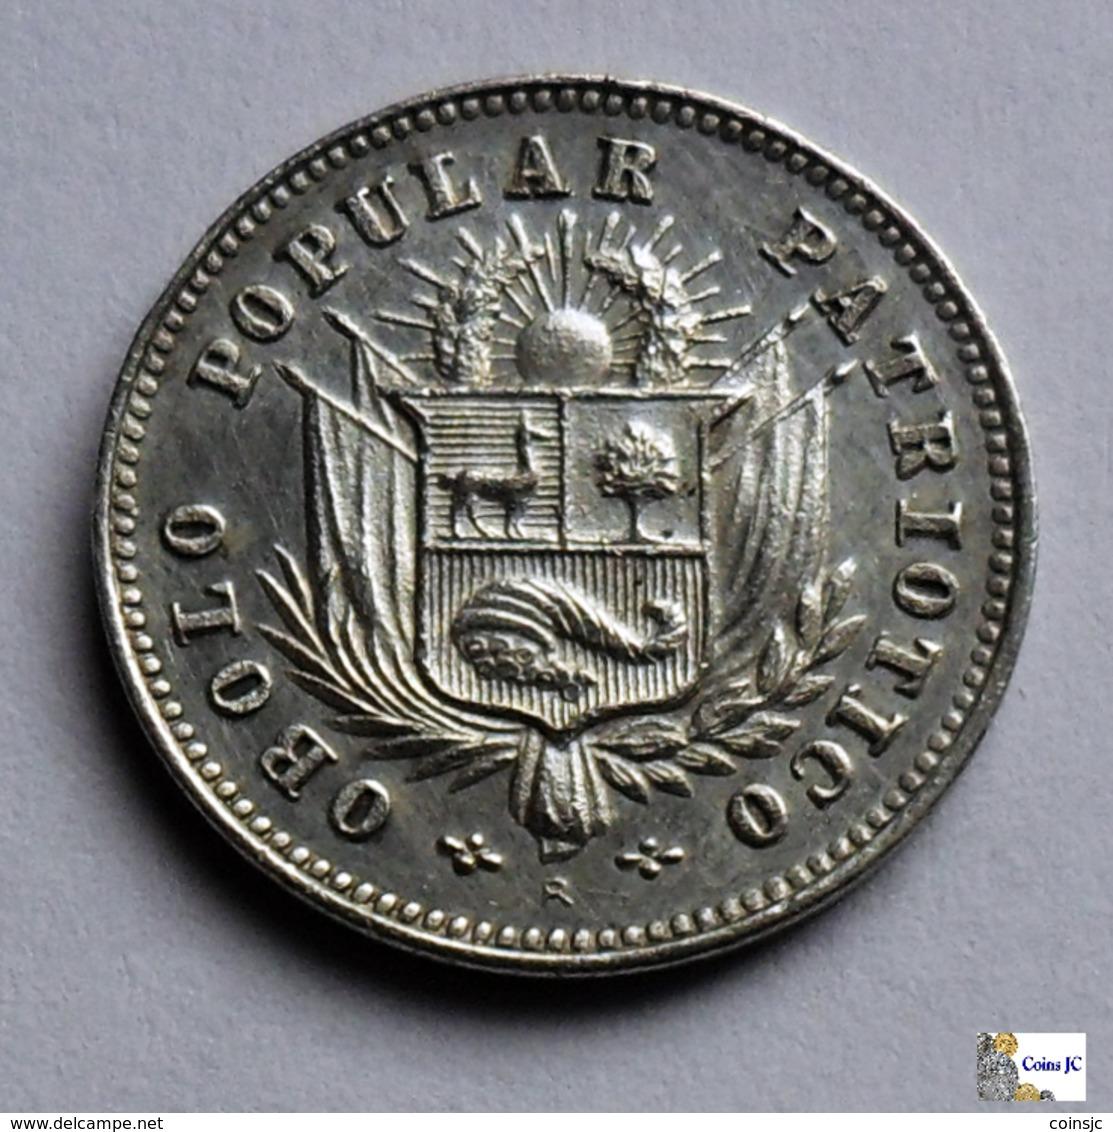 Perú - 1 Sol - 1910 - Rare - Perú